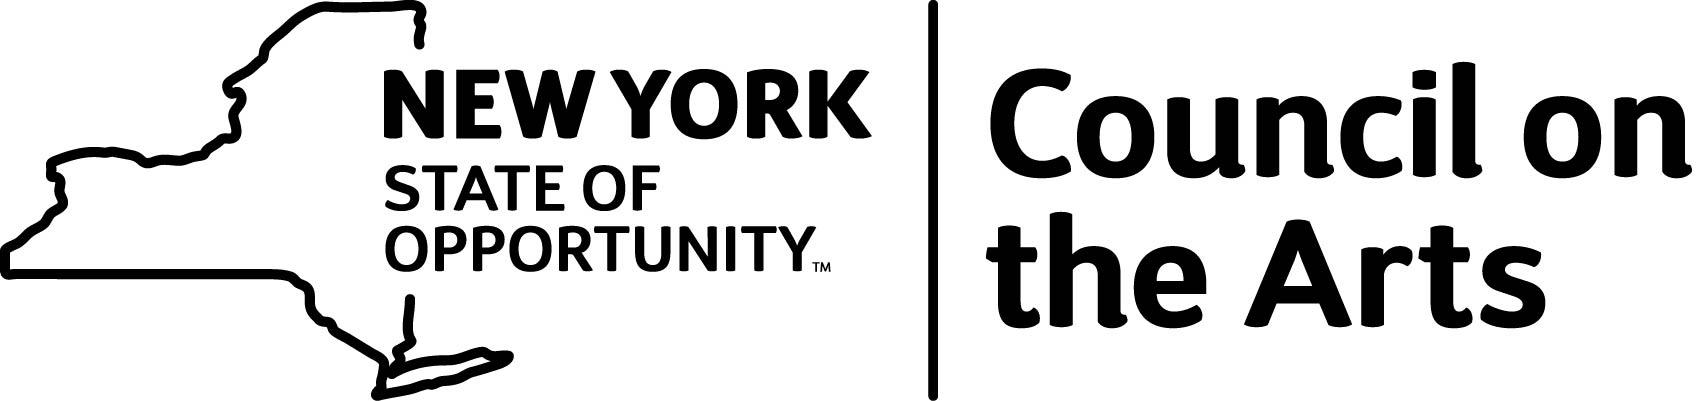 NY Council on the Arts logo